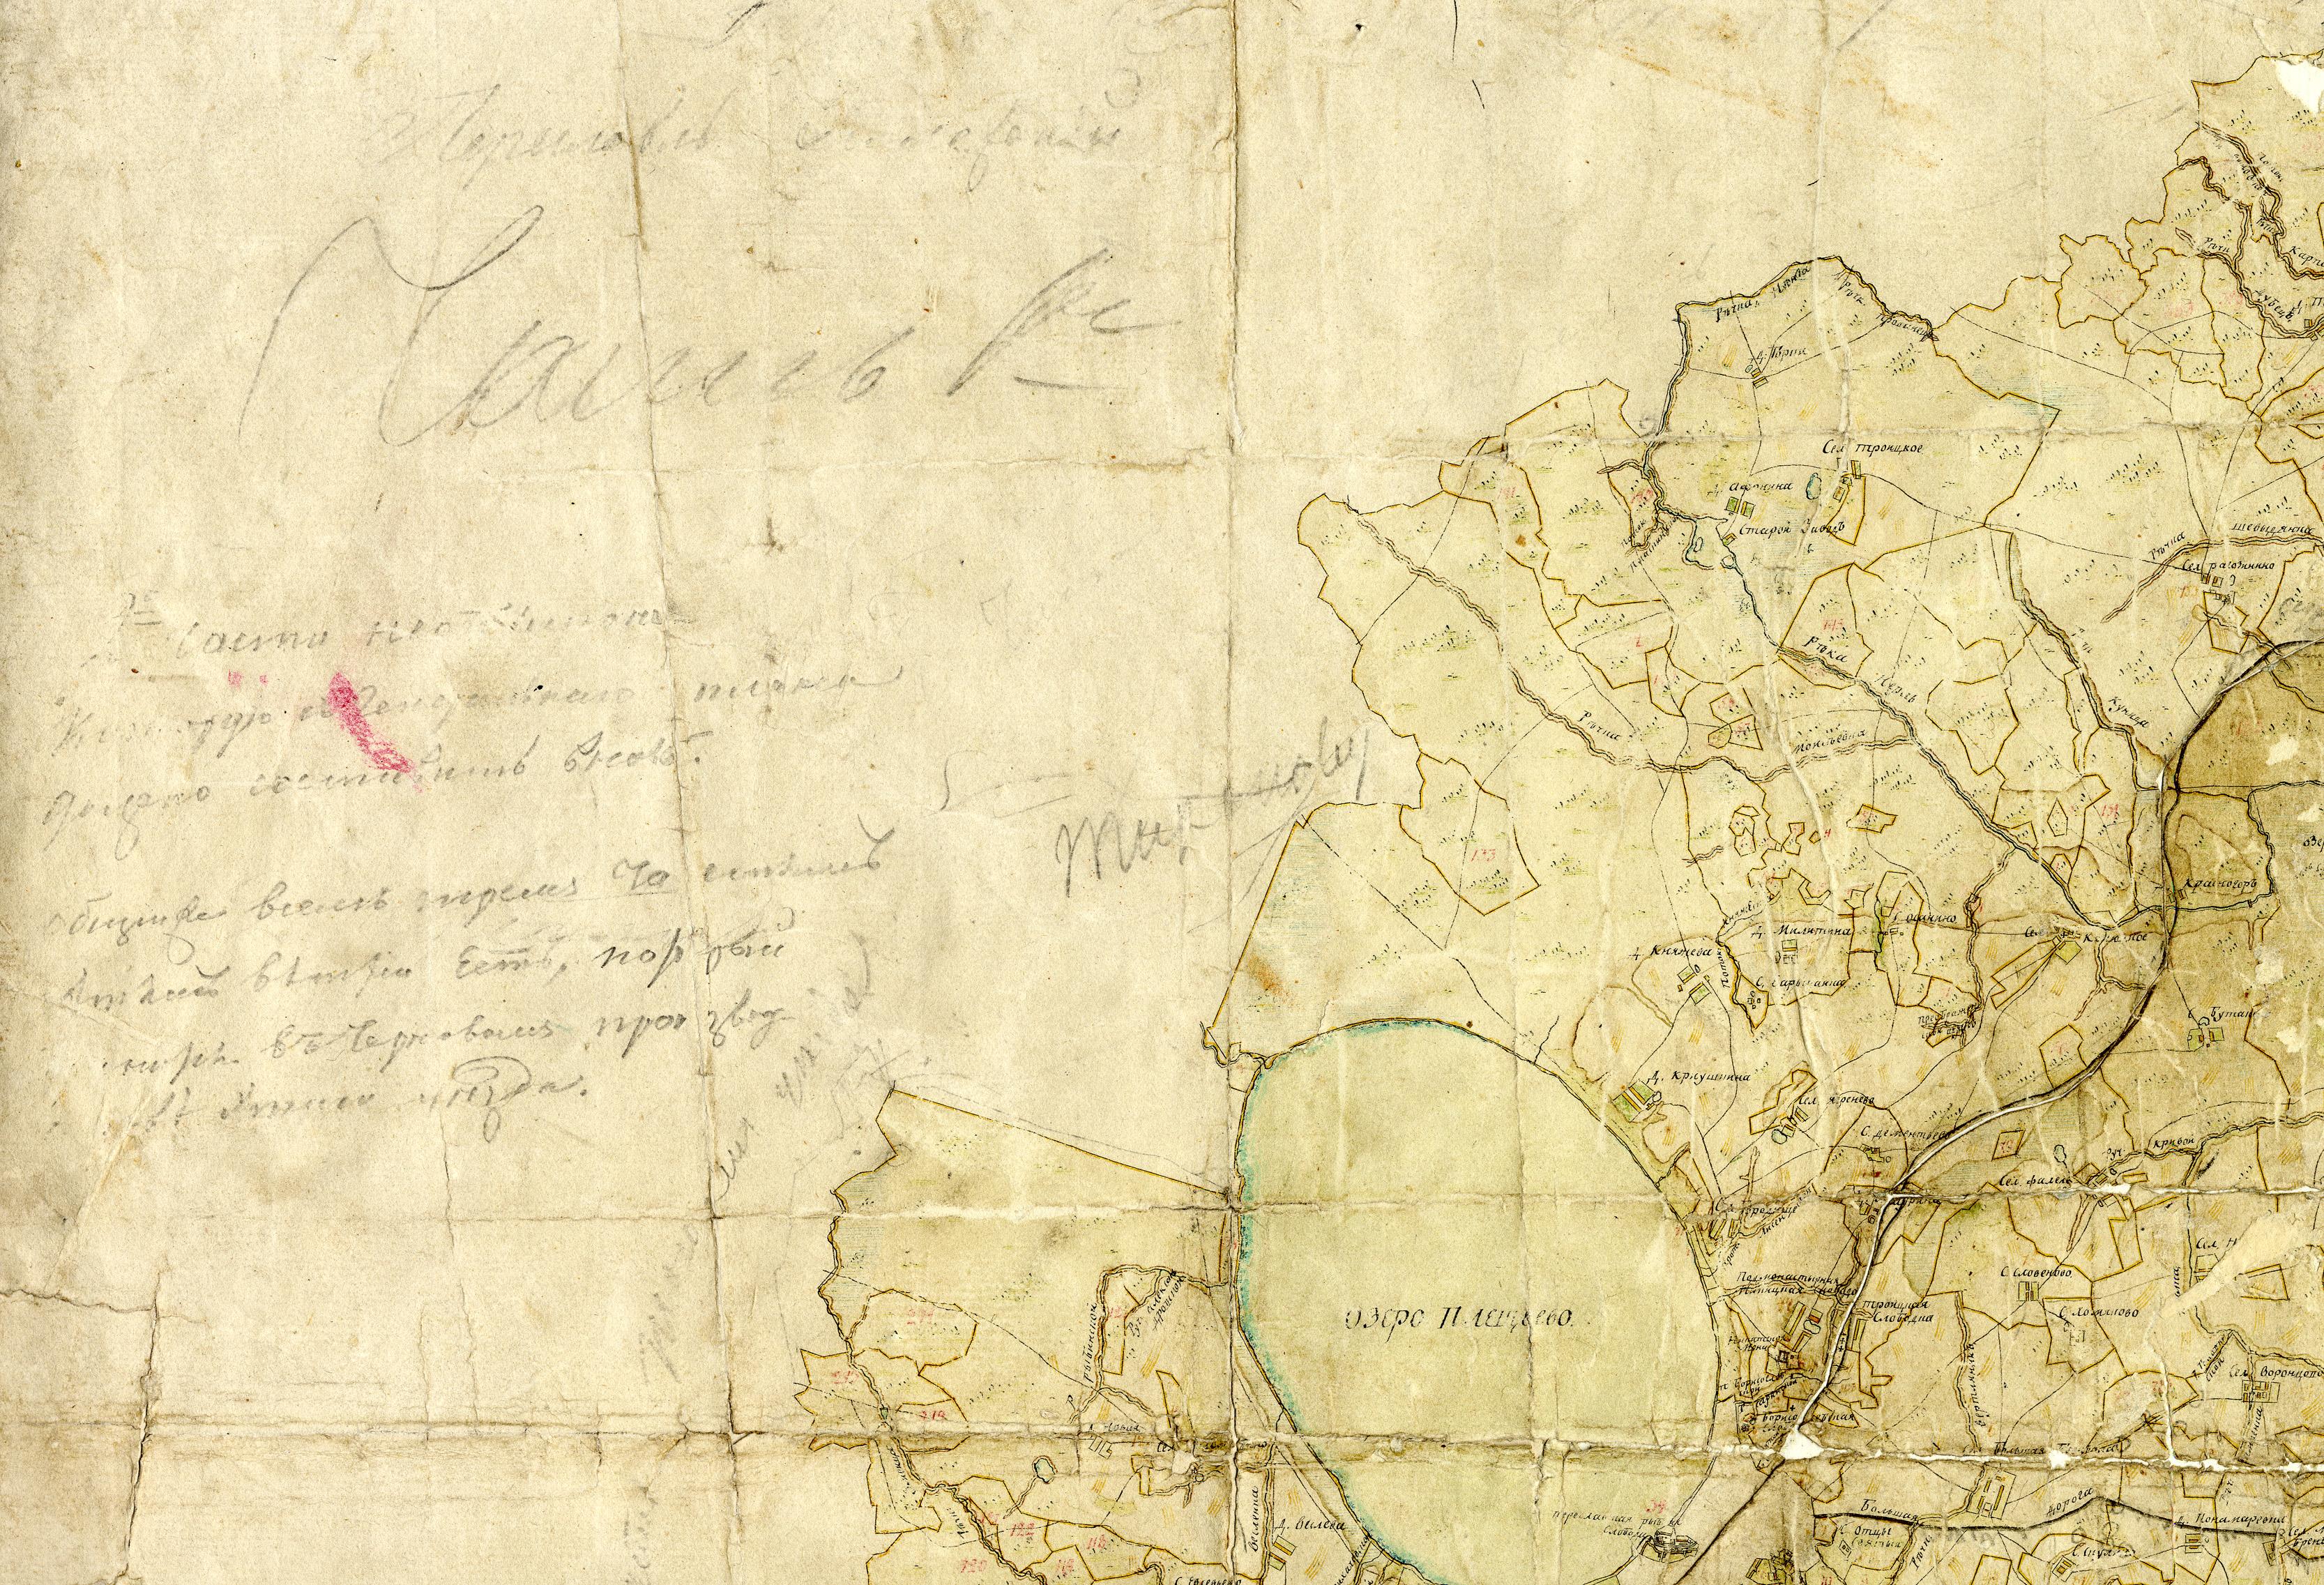 Index of /map/пгм - владимирскагуберни 1780-1790гг/переславс.